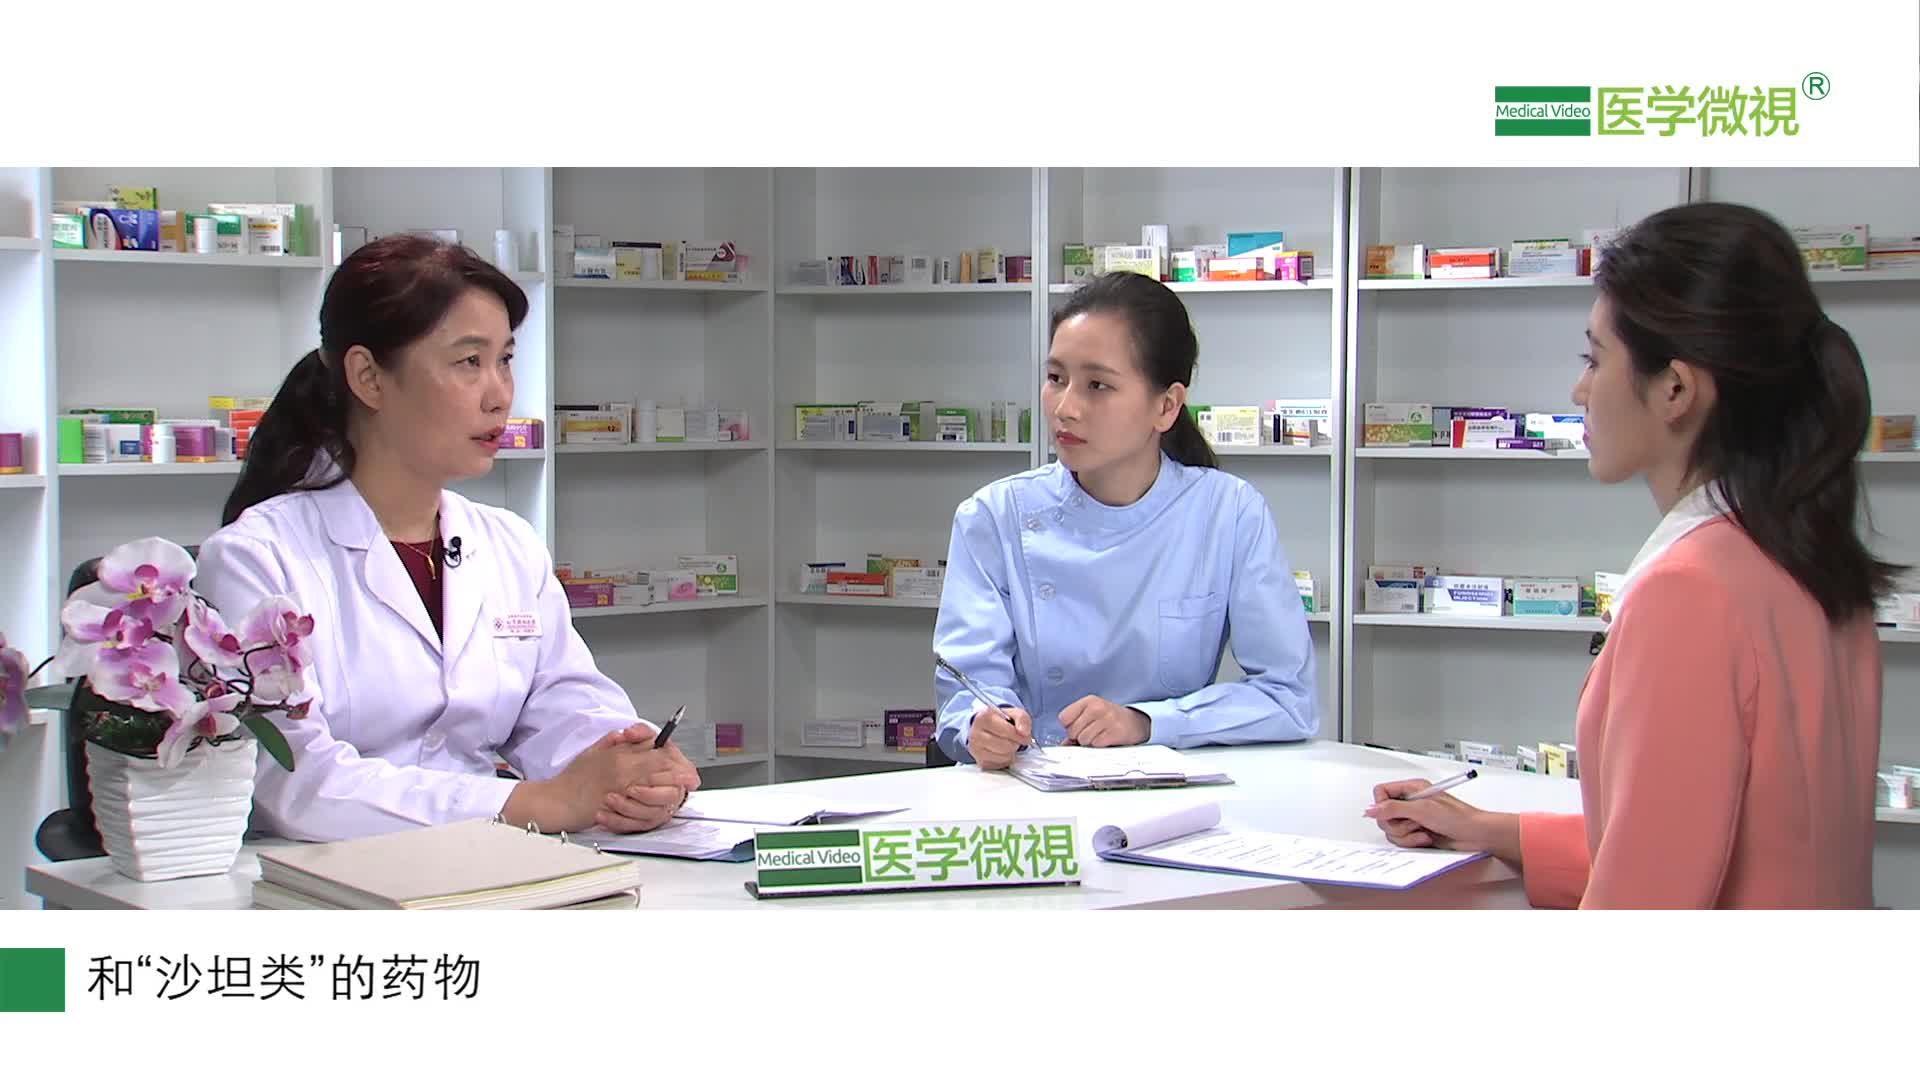 高血压患者联合使用降压药过程中要注意哪些?药有哪些?